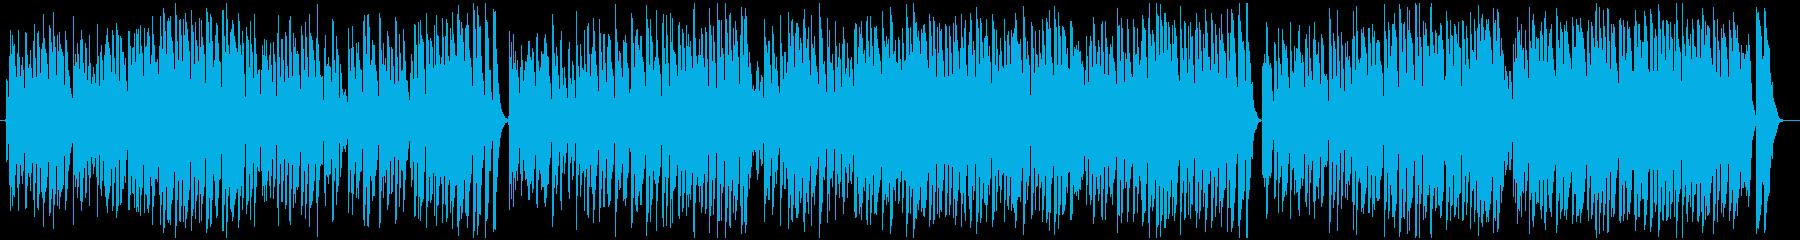 ディキシーランド ラグタイム 室内...の再生済みの波形